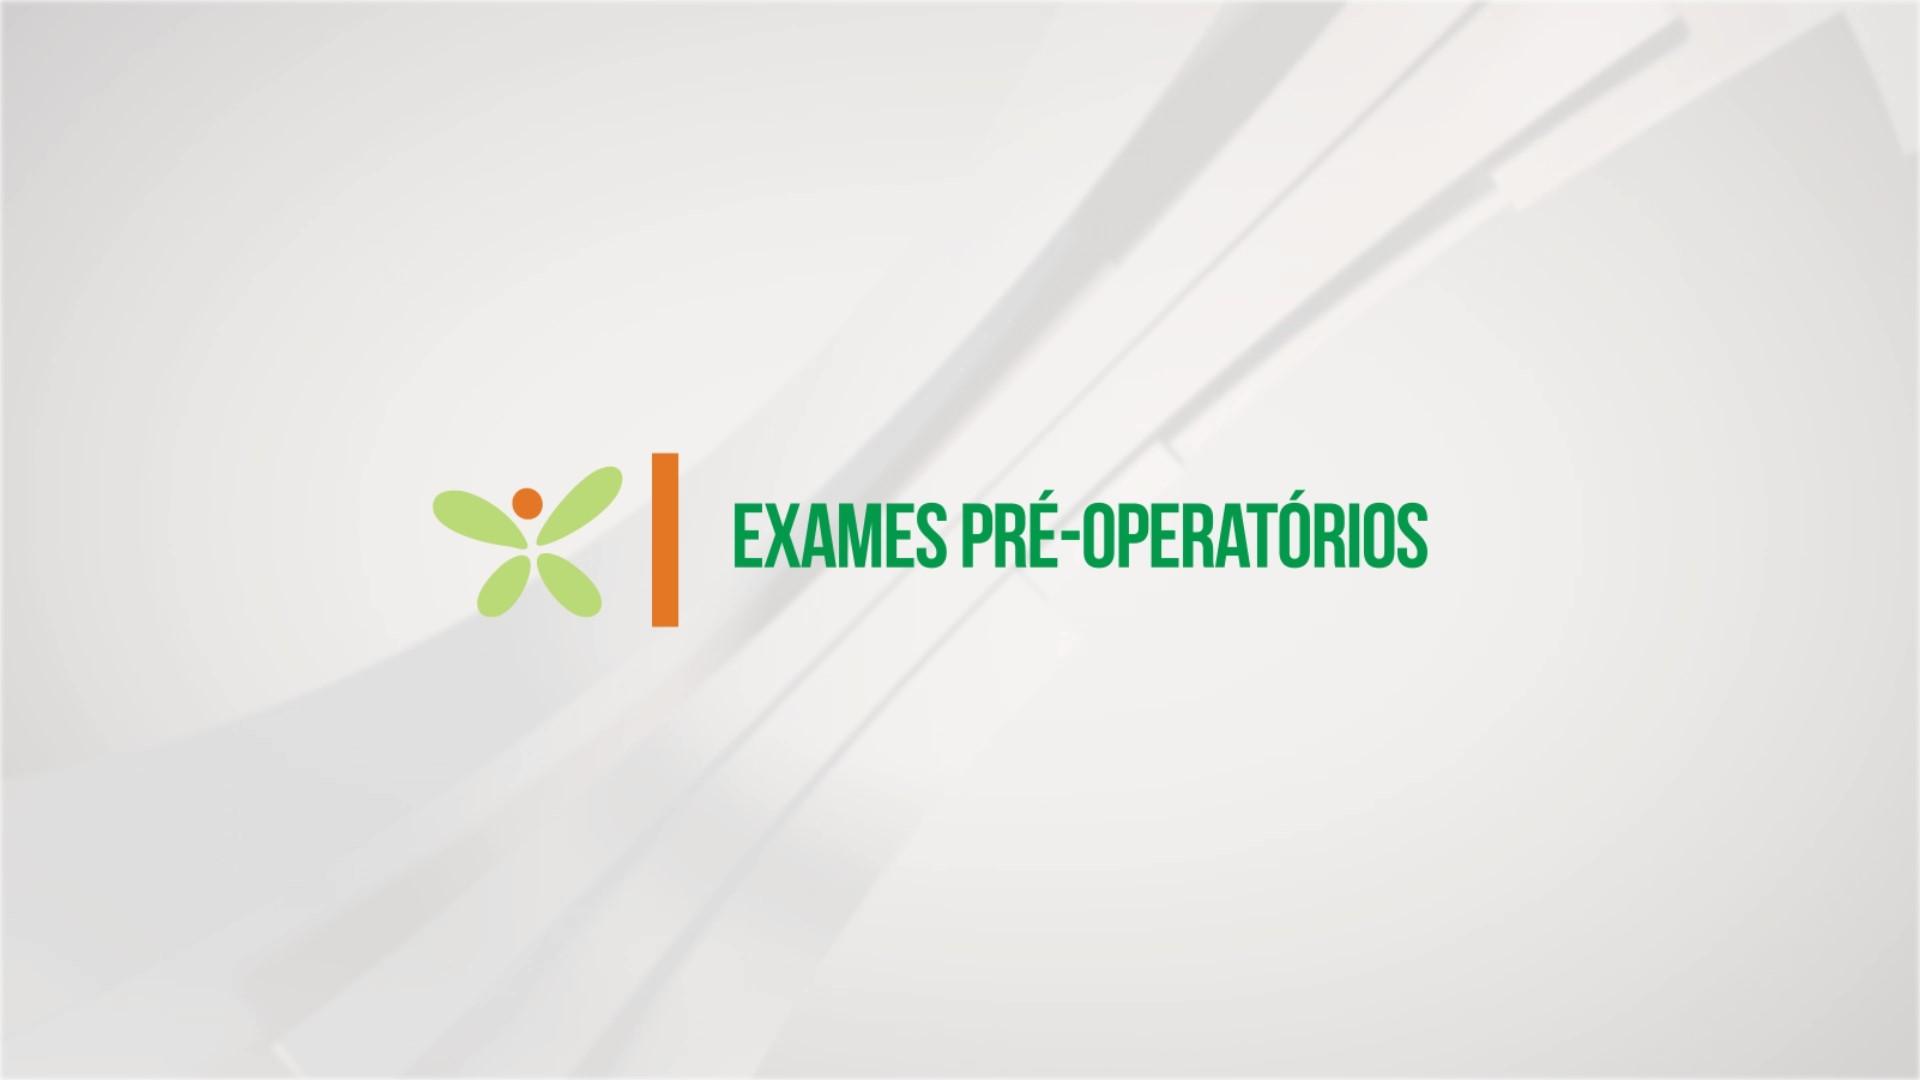 Exames pré-operatórios